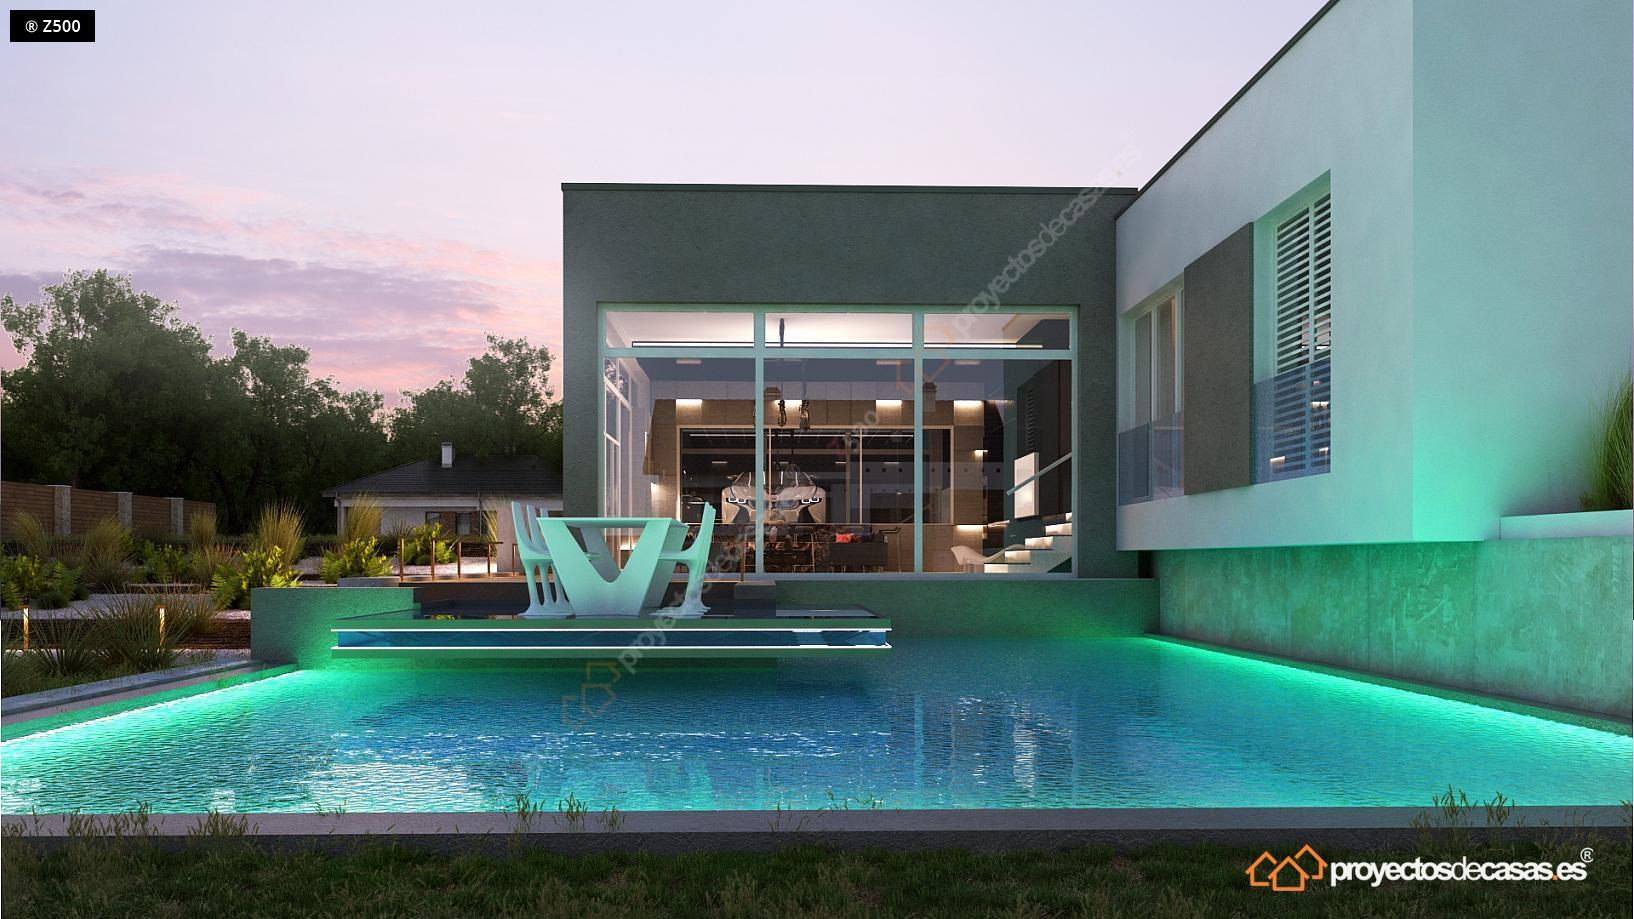 Proyectos de casas casa de lujo con piscina y garaje a for Casas de lujo en madrid